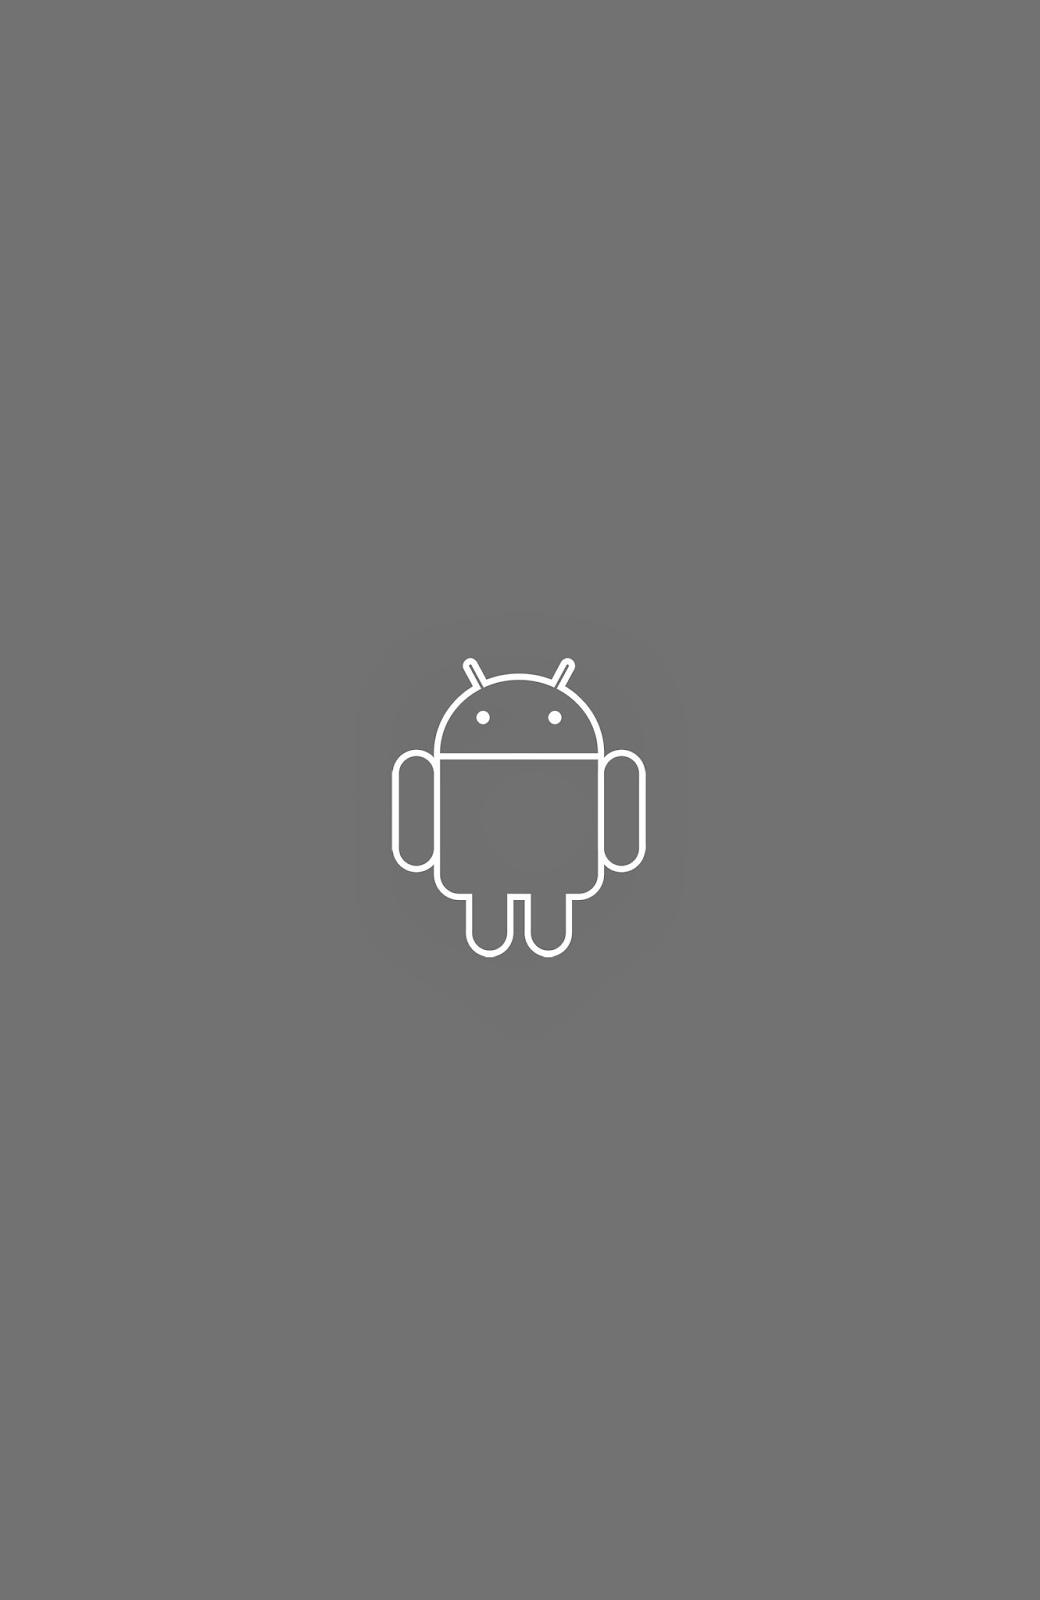 Kumpulan Wallpaper Android Simple  Gratis